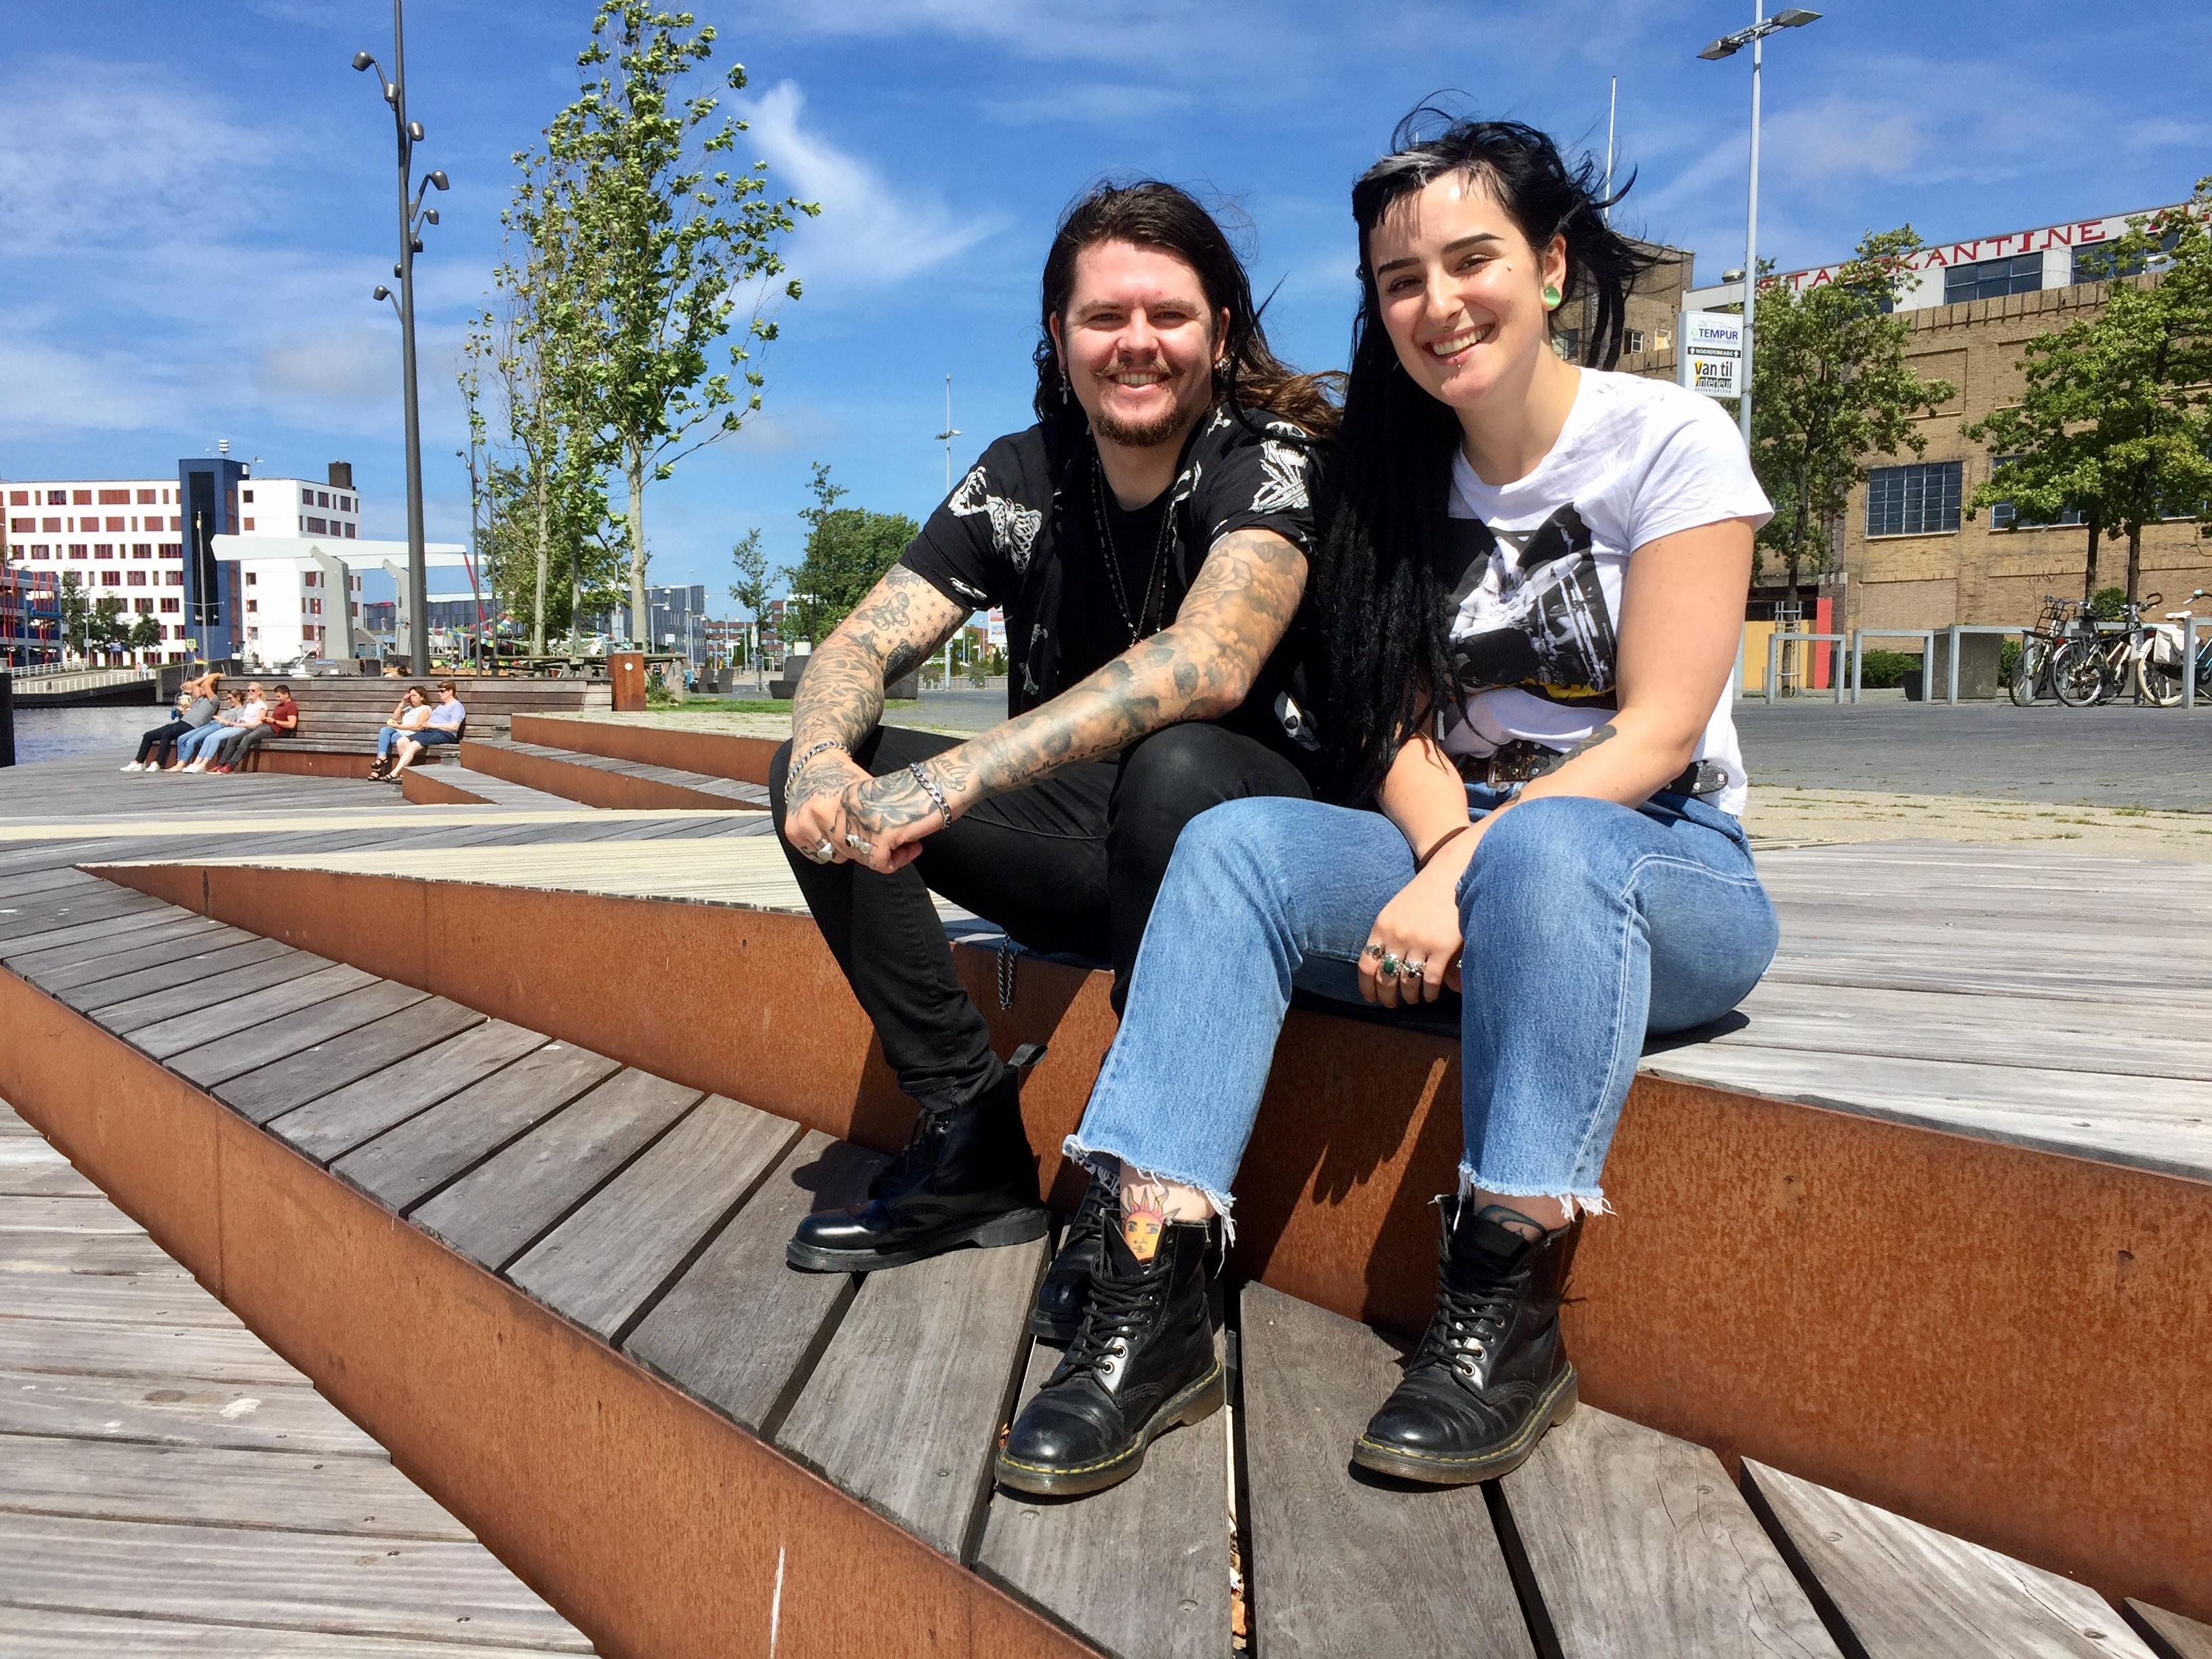 Onderweg: Justin de Jong (26) en Camilla Turelli (22) wonen sinds kort samen in Alkmaar. Ze hebben veel gemeen, zeggen ze. Sterker nog: ze zijn 'bijna hetzelfde'